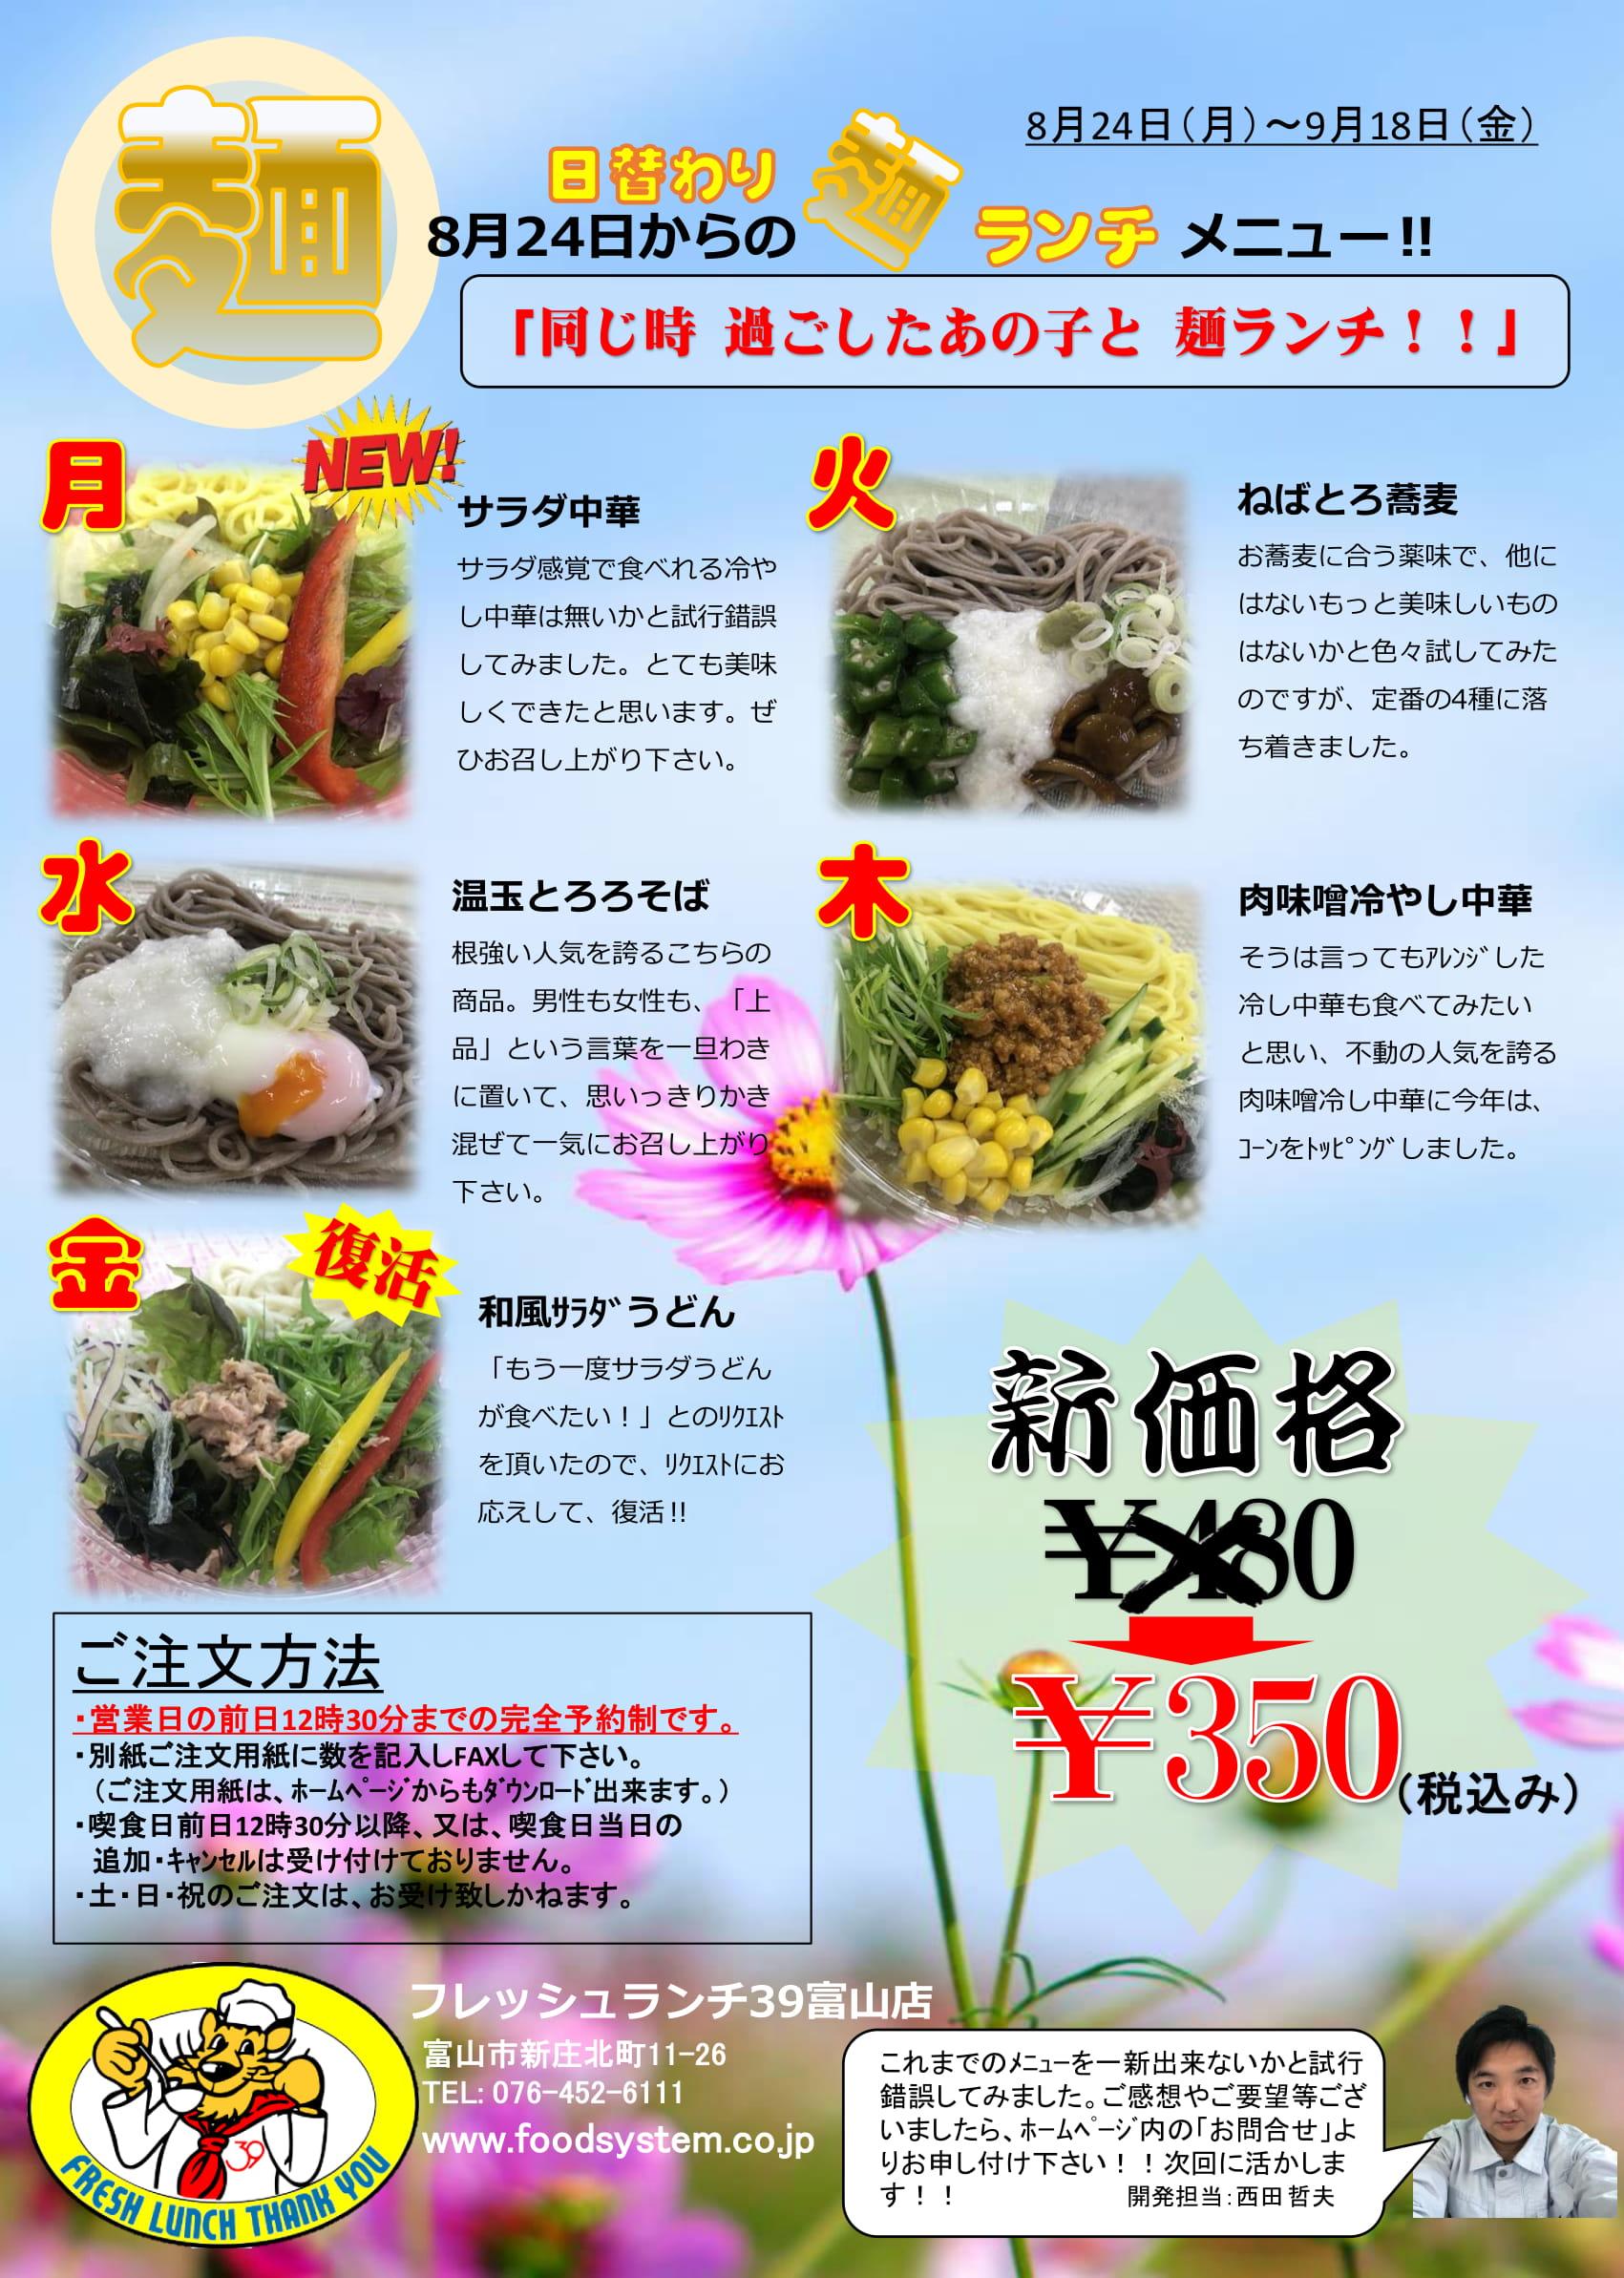 【麺ランチ】 8/24~9/18までのメニュー